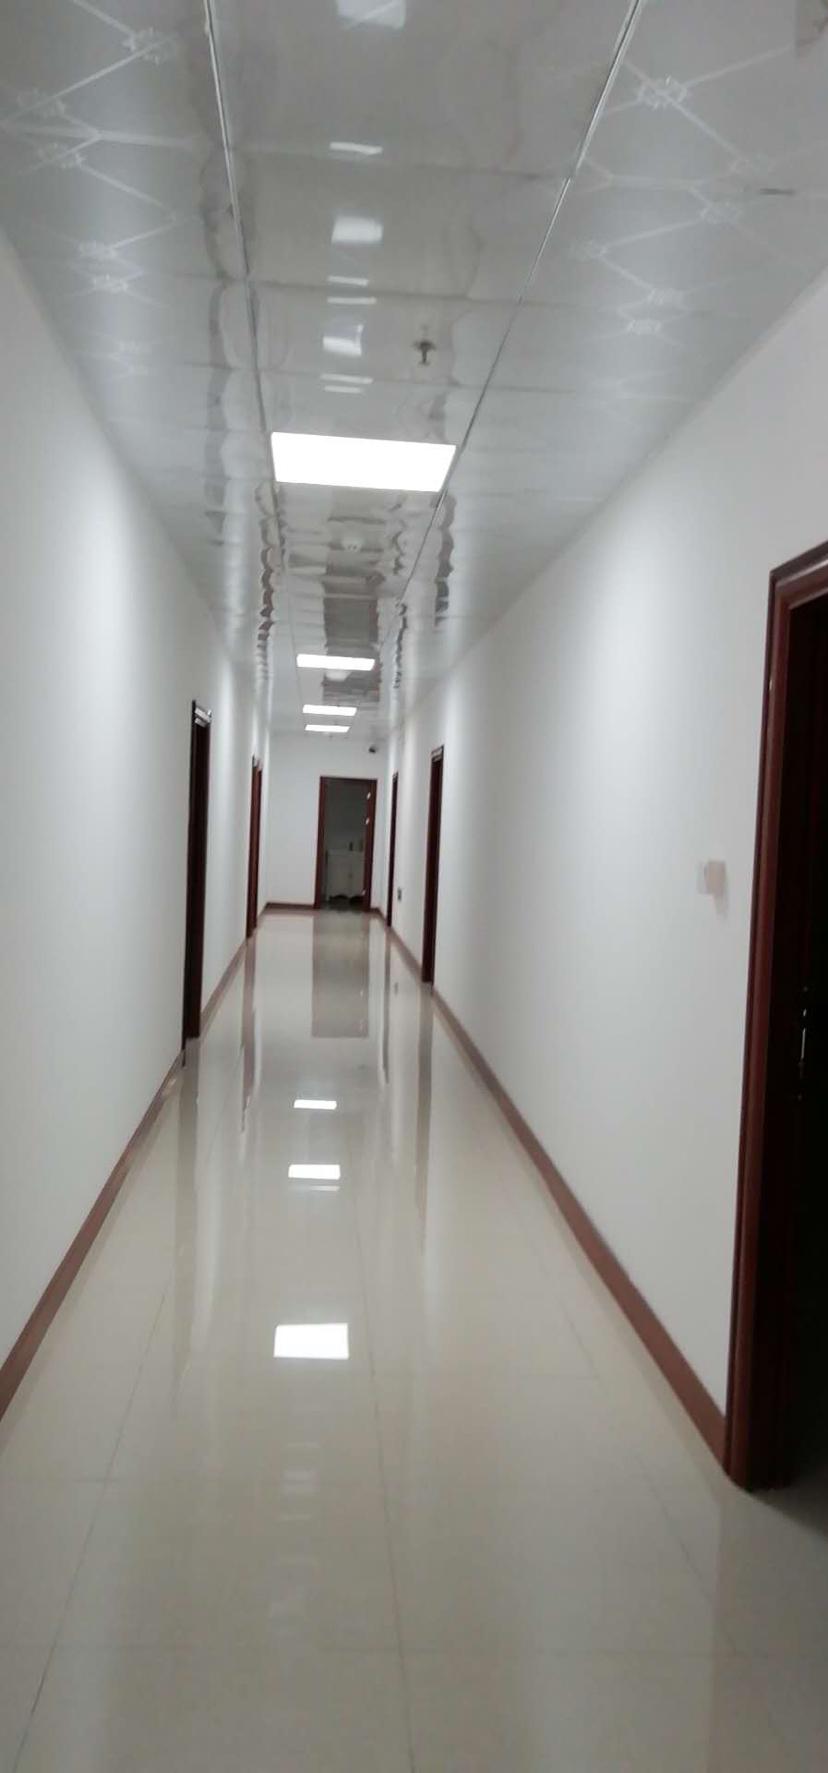 石岩塘头新出一楼食品厂房出租2800平带无尘车间和冷冻仓库